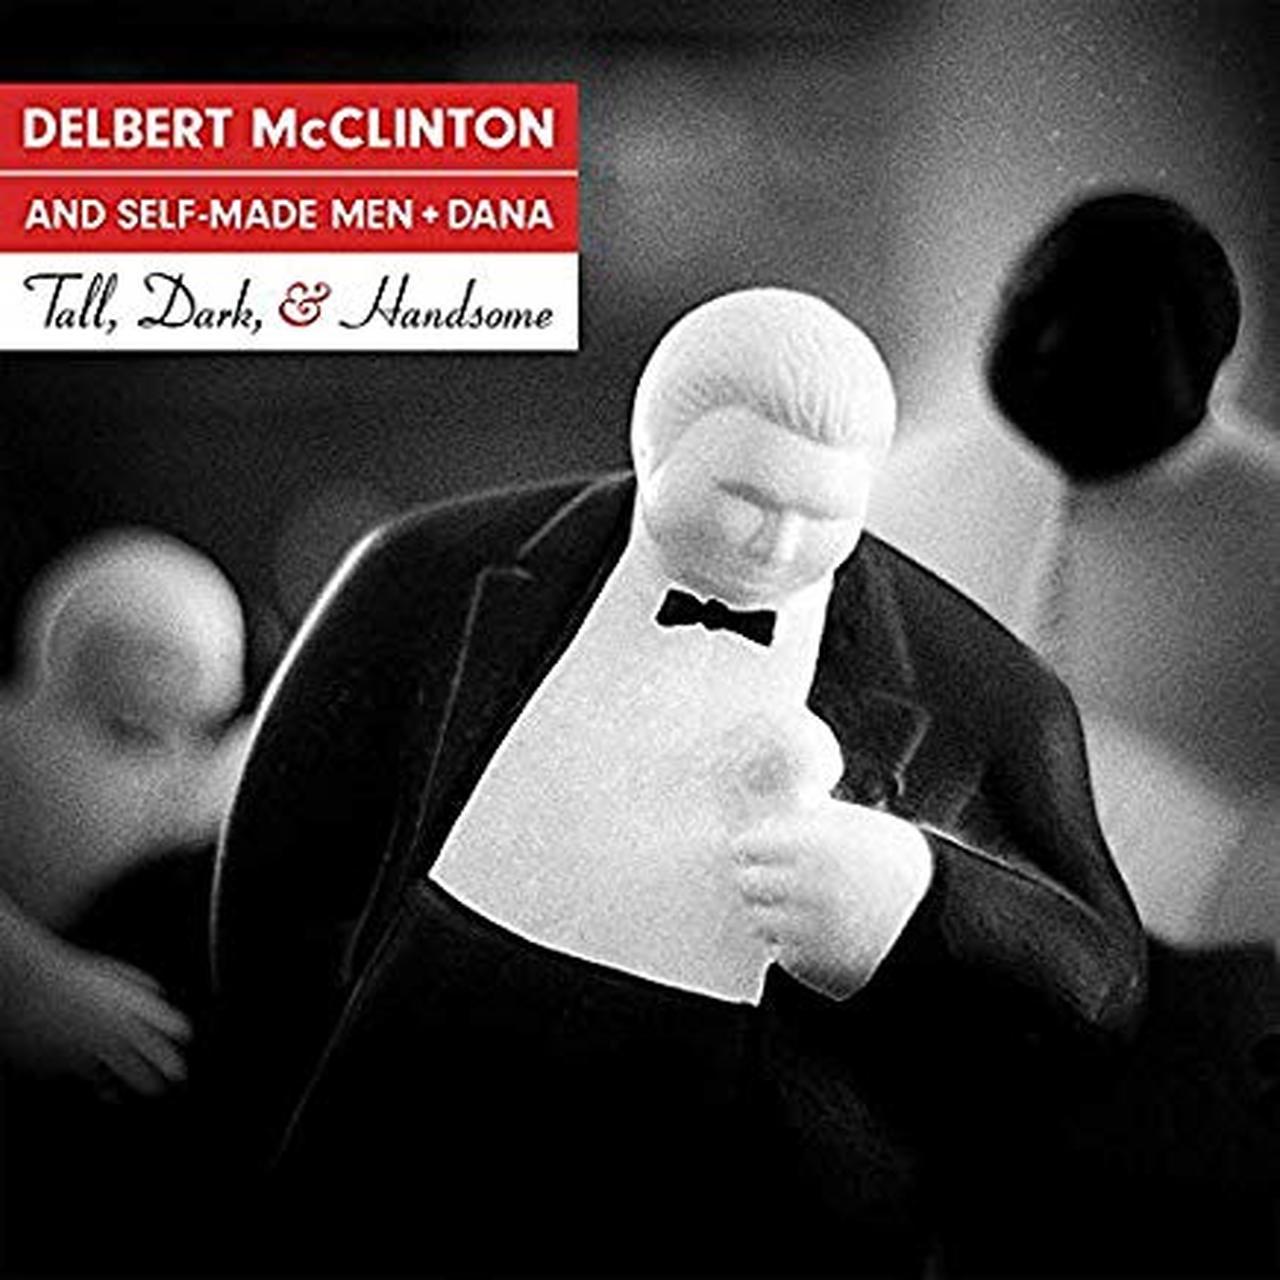 Delbert McClinton & Self-Made Men – Tall, Dark & Handsome